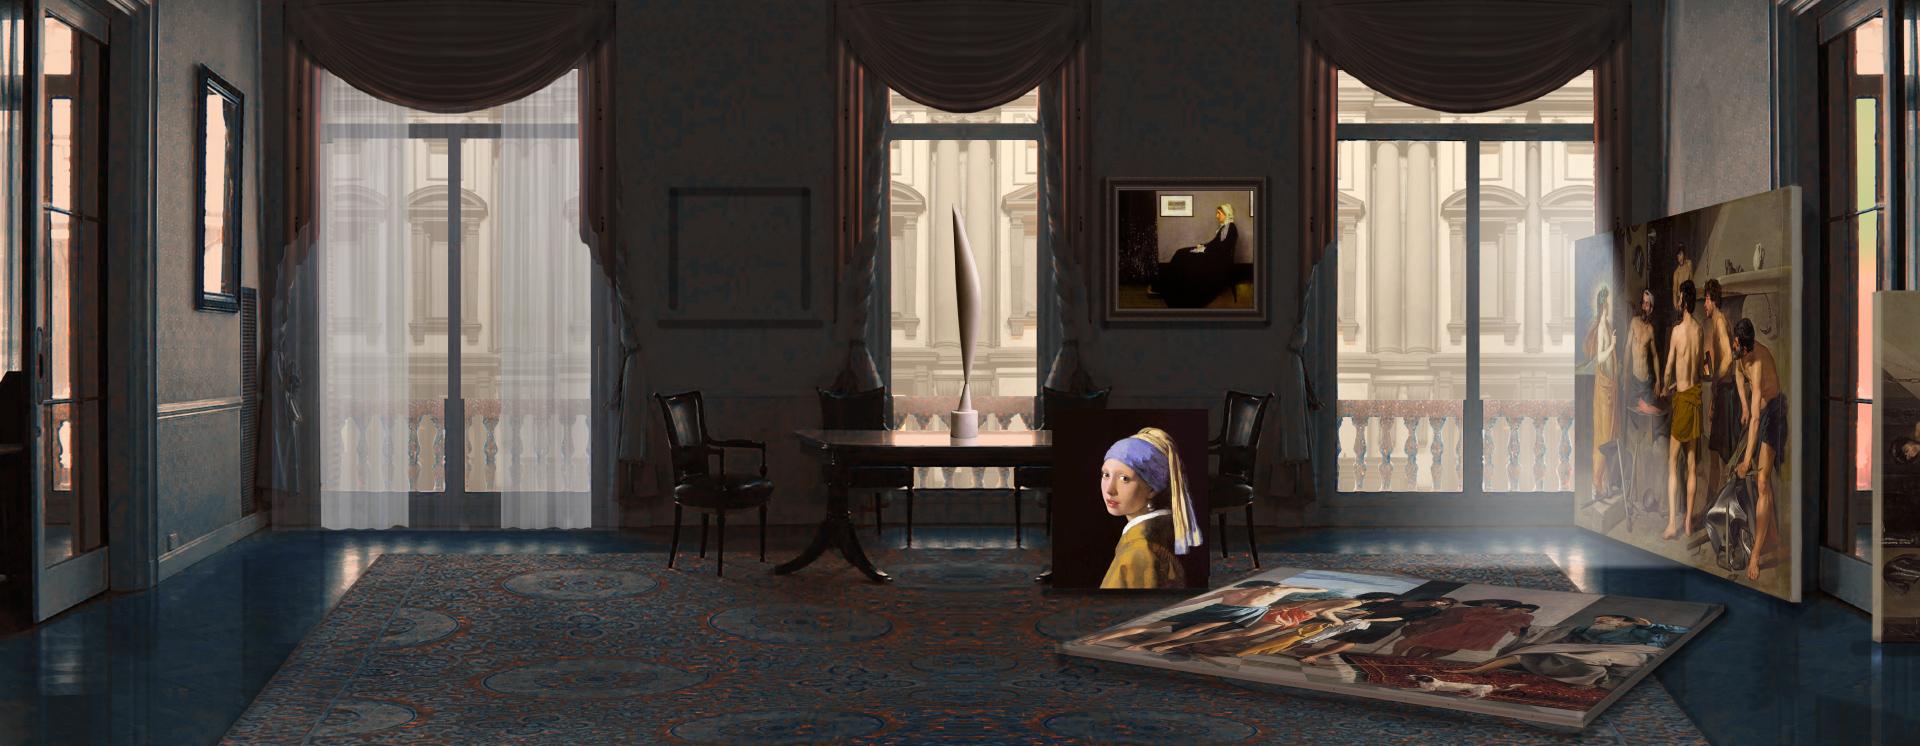 Van Meegeren Havia apenas um Vermeer? Obra, autores, falsificação e linguagem: Diário de um impostor